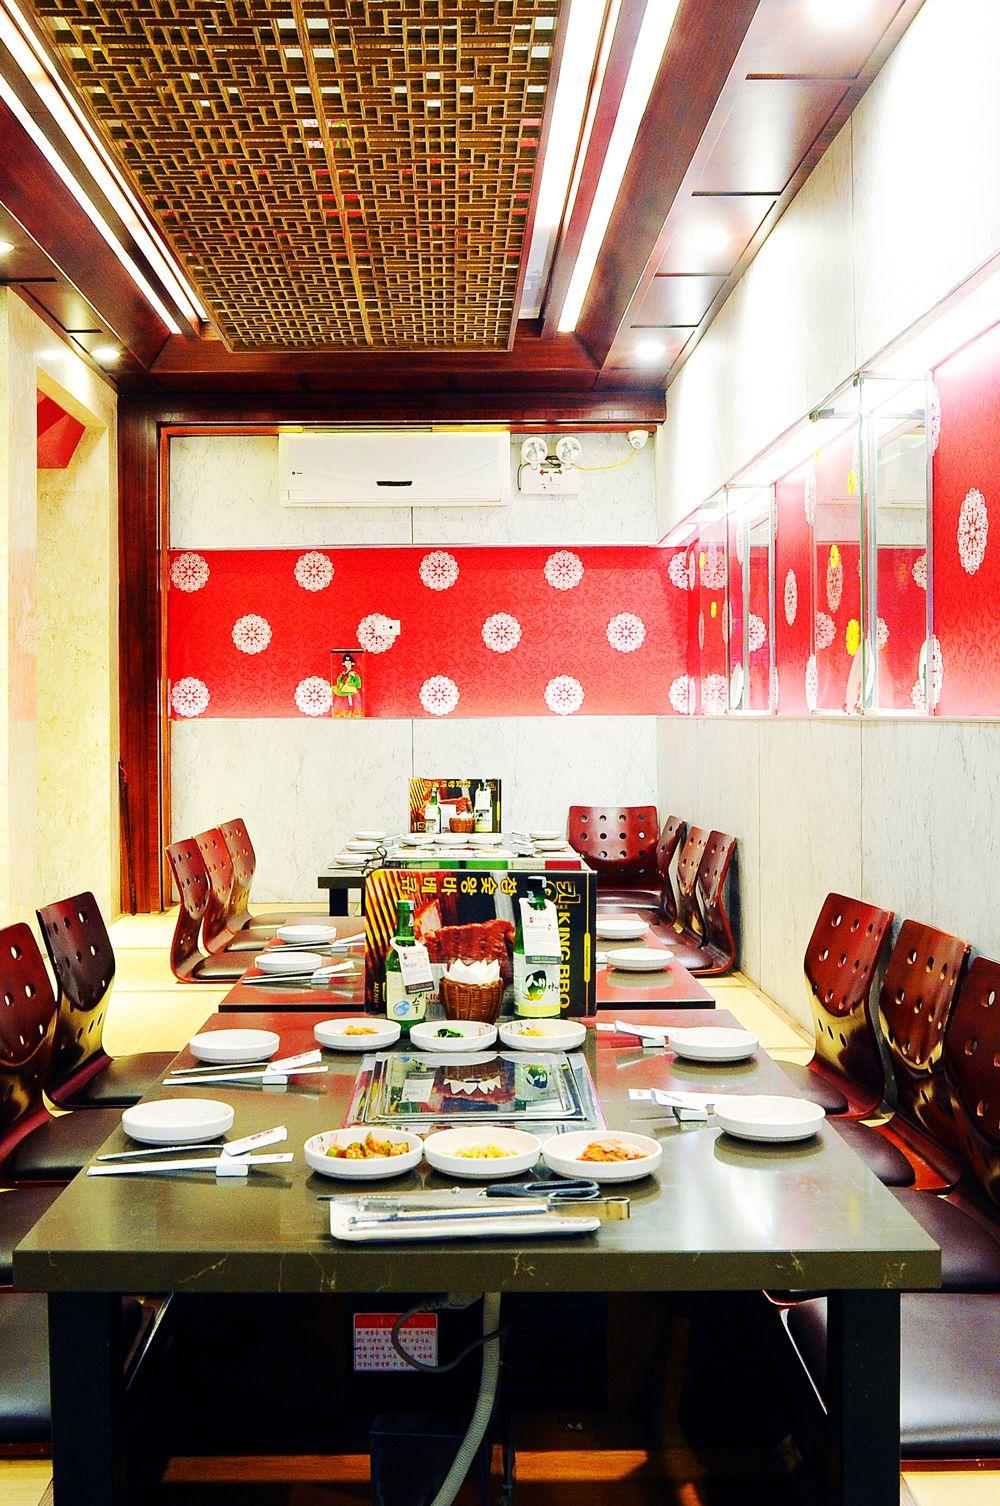 King BBQ Nhà hàng đặt tiệc 20/11 ở Hà Nội 13